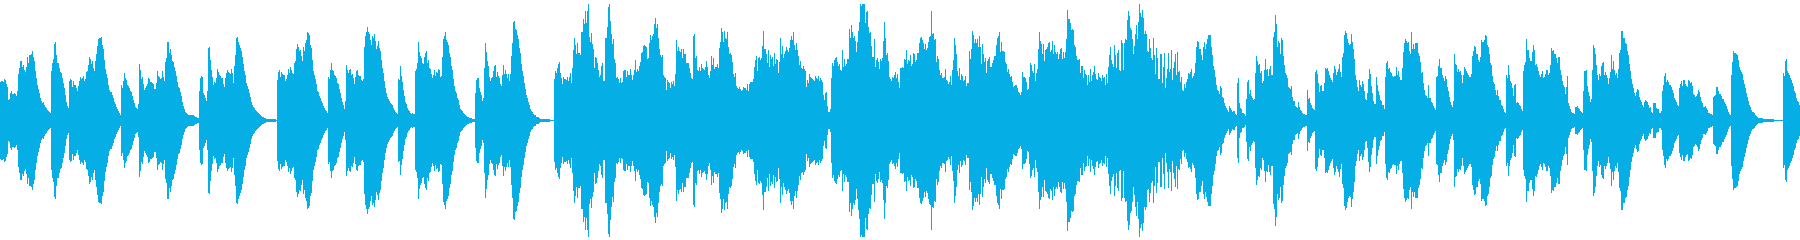 鉄琴ベースの懐かしい雰囲気ループBGMの再生済みの波形